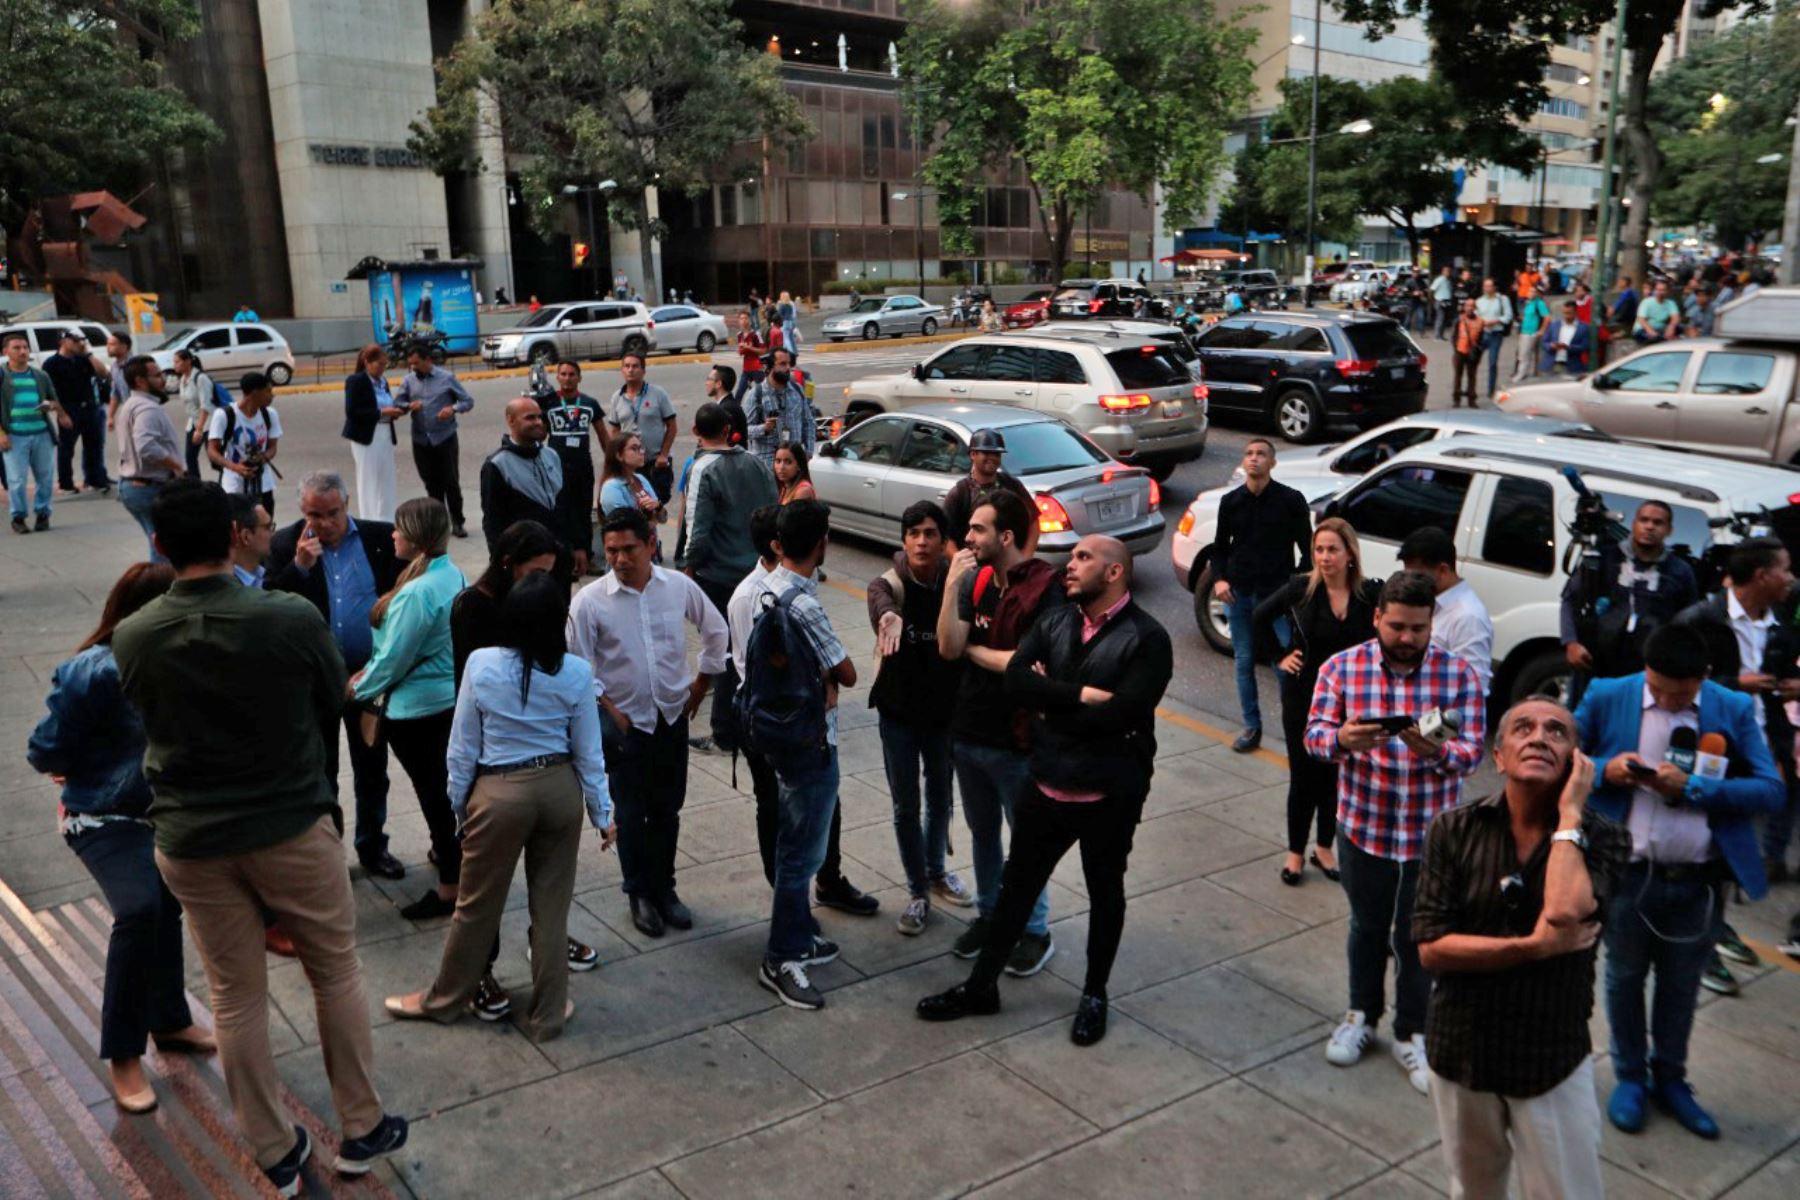 Simpatizantes de Juan Guaidó y diputados venezolanos aguardan en los alrededores del edificio donde fue allanada la oficina del líder opositor. Foto: EFE